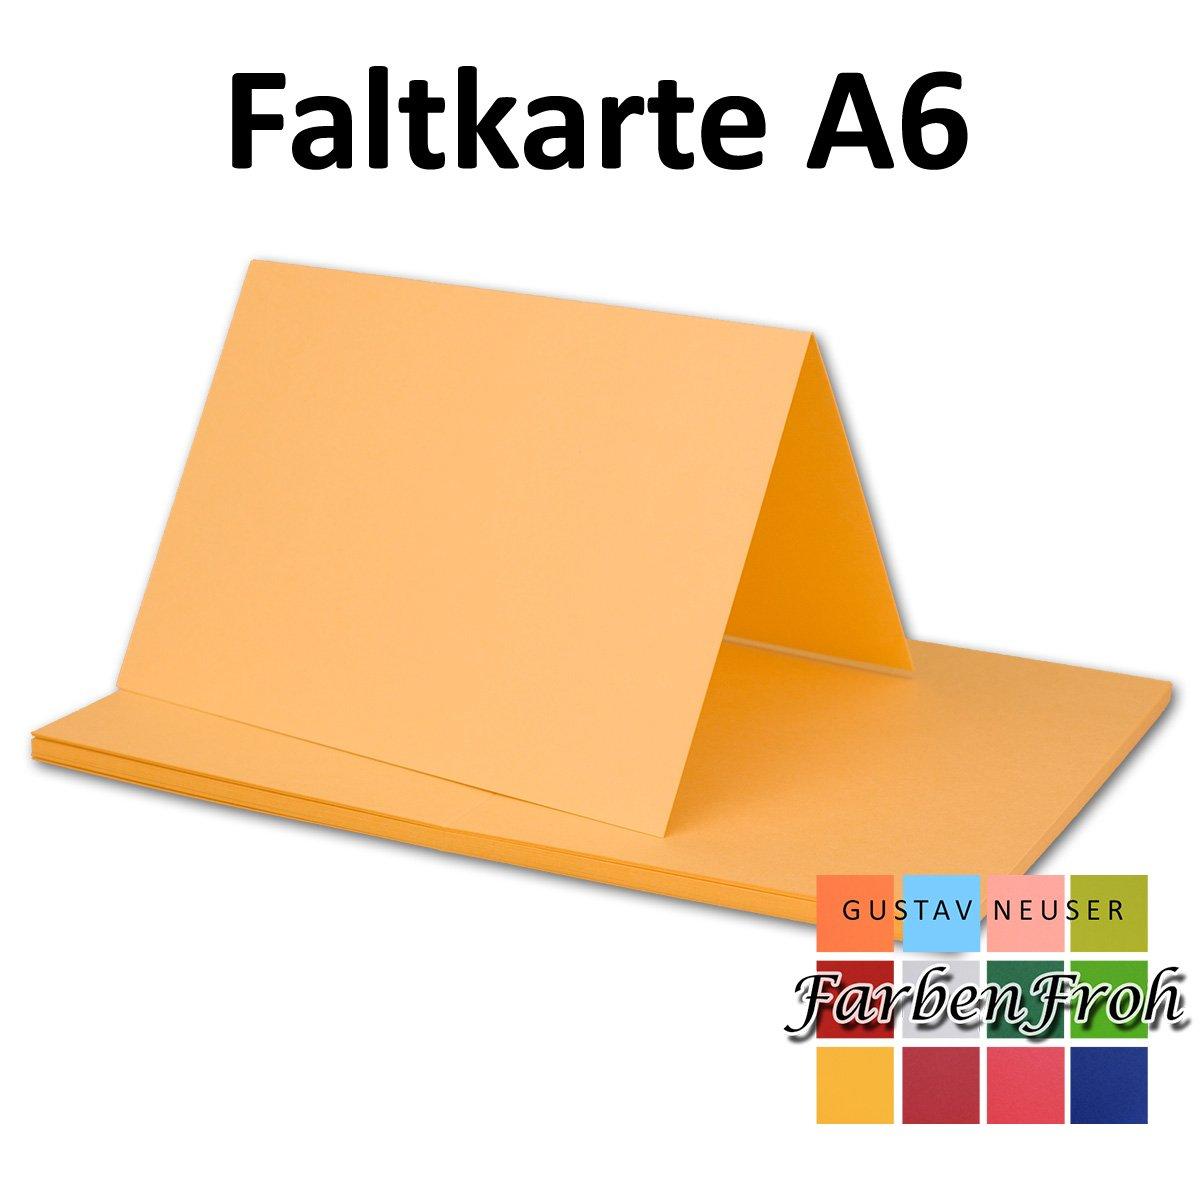 150x Falt-Karten DIN DIN DIN A6 Blanko Doppel-Karten in Vanille -10,5 x 14,8 cm   Premium Qualität   FarbenFroh® B079X25G28 | Charakteristisch  6f793b